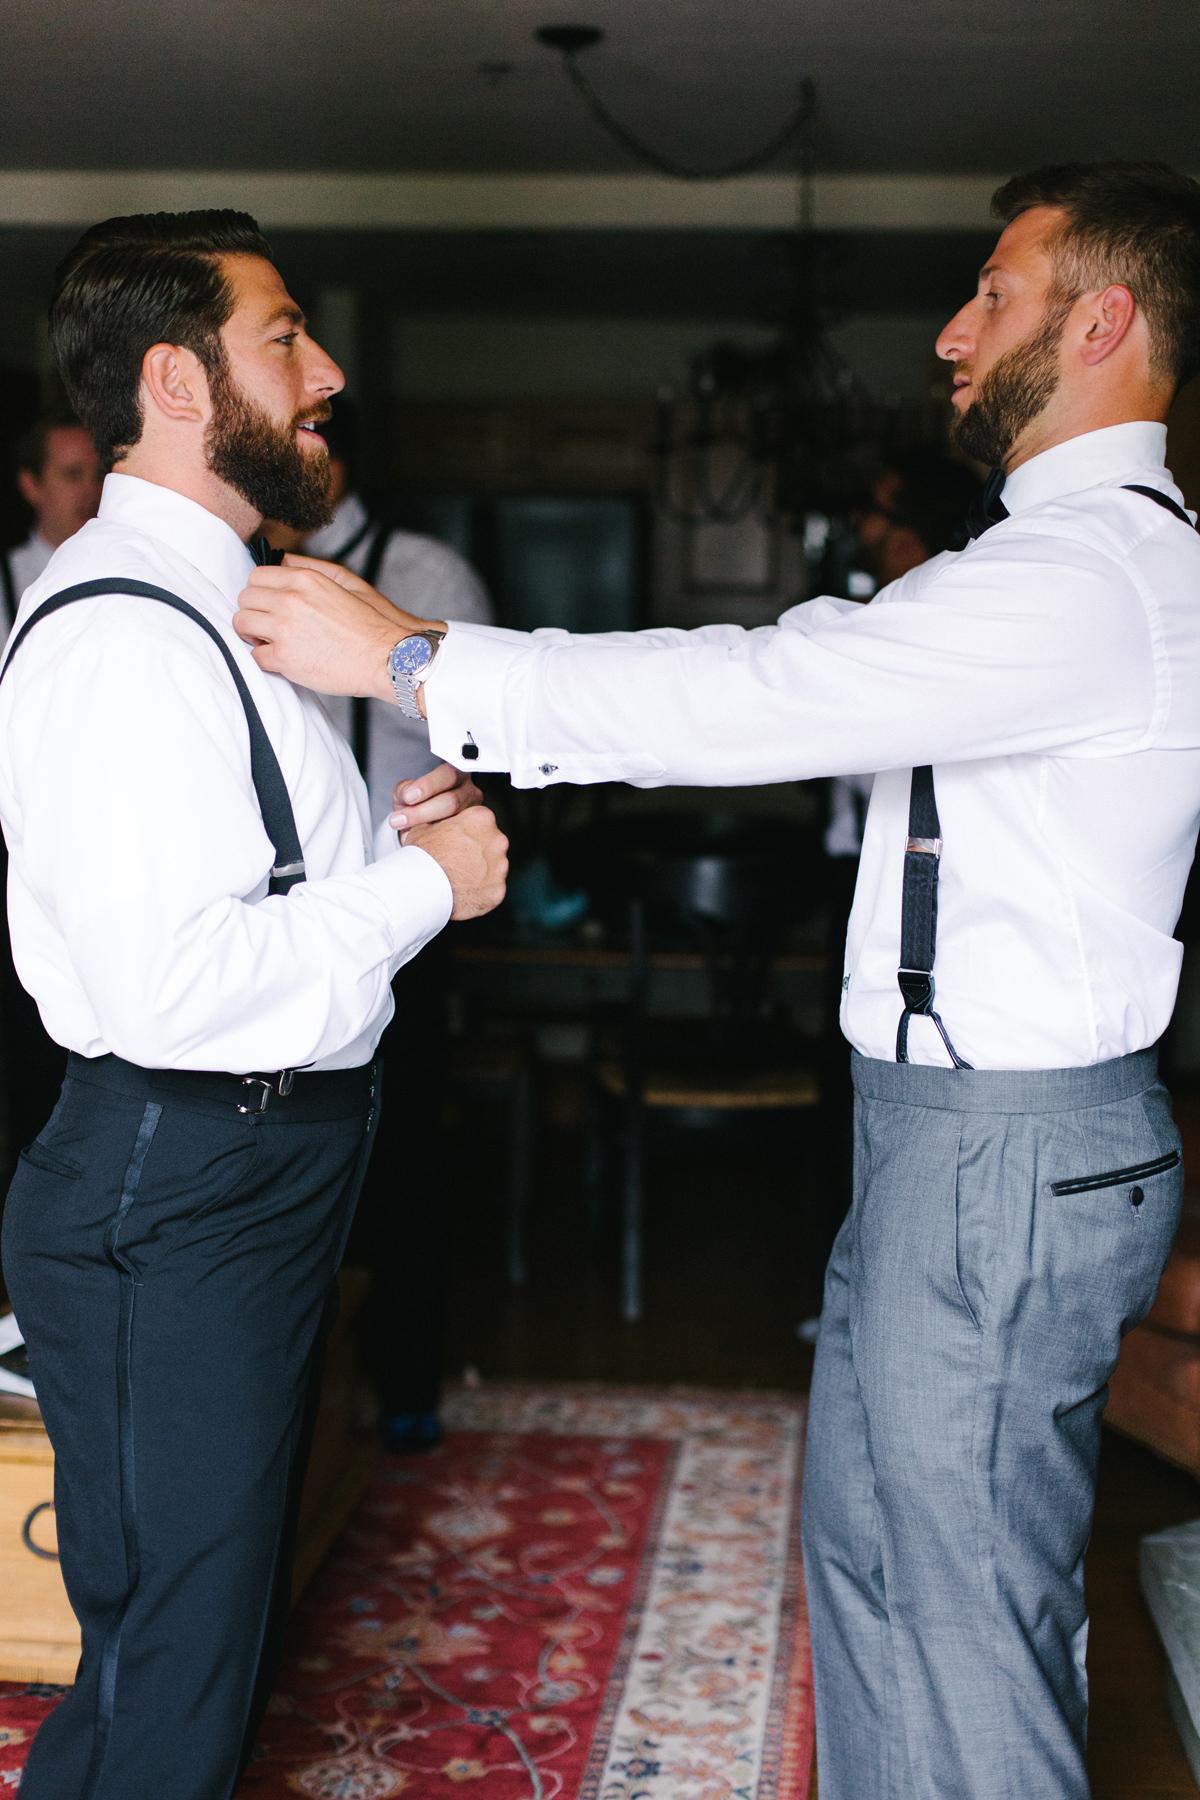 046-beaver-creek--groom--shoes--wedding-photography--black-and-white--park-hyatt.jpg